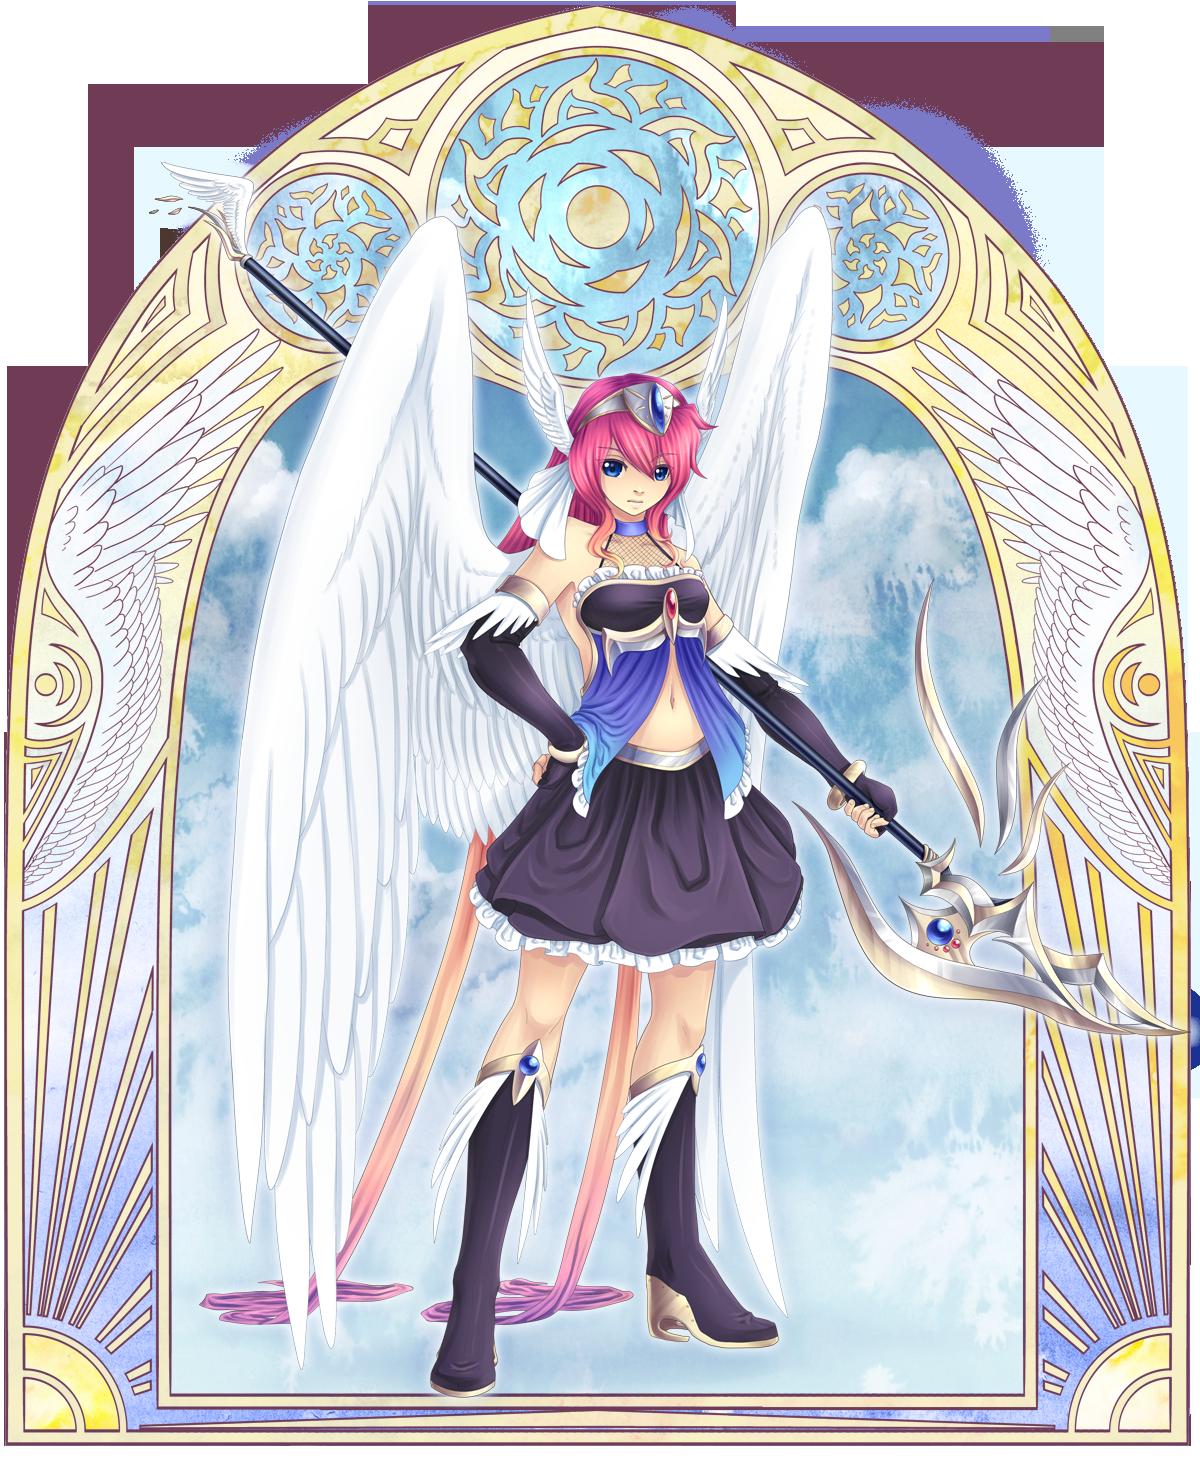 SoC - God of Caelius: Helia